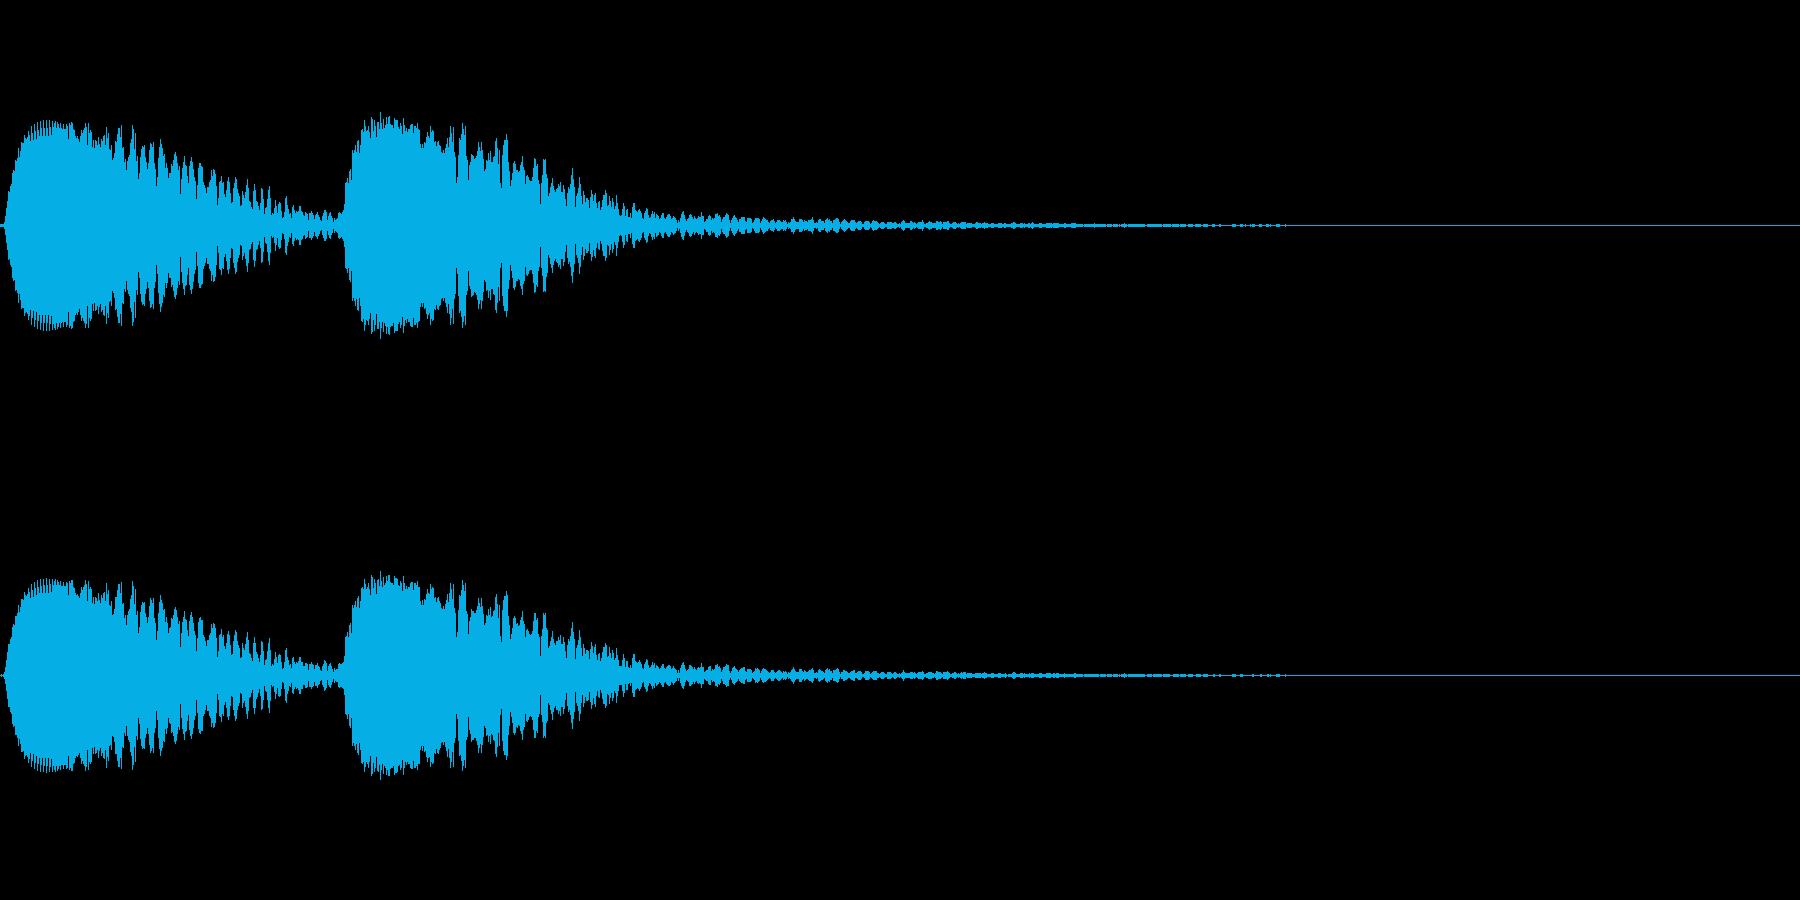 つっつく/あるく/動作/コミカル/見渡すの再生済みの波形